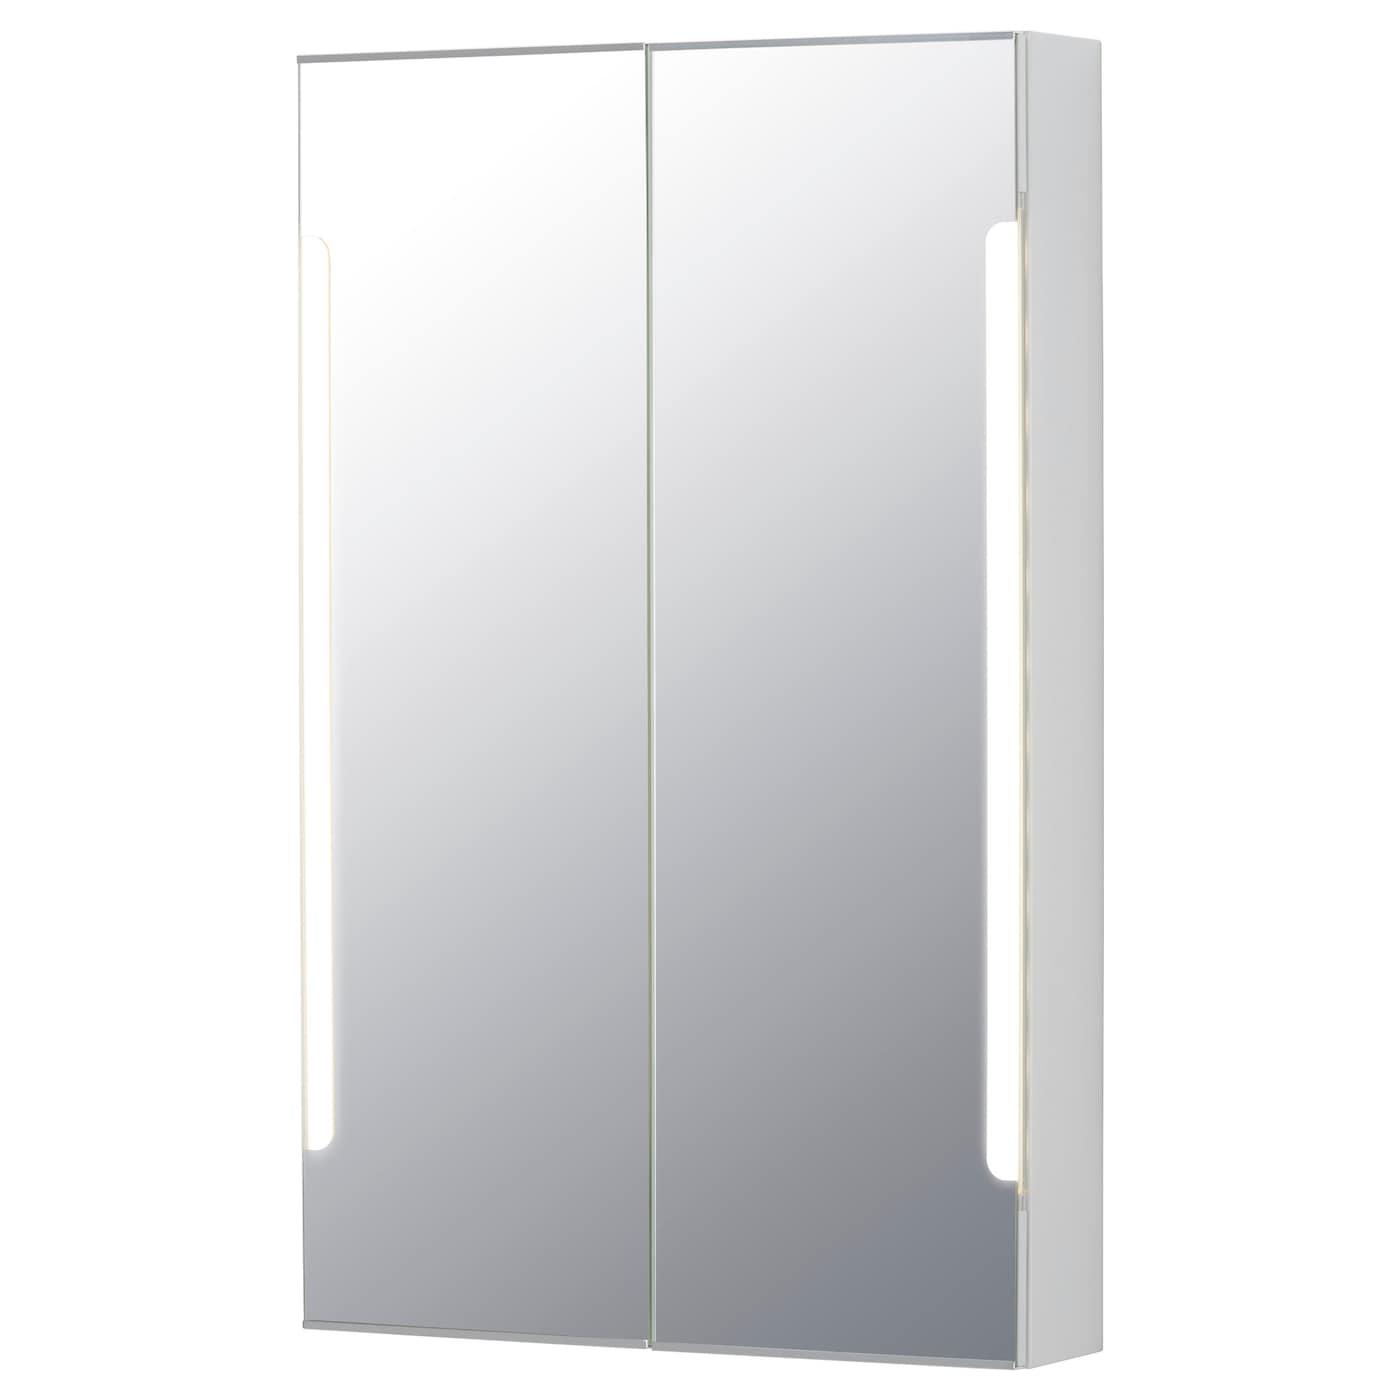 ikea storjorm spiegelkast 2 deuringb verlichting